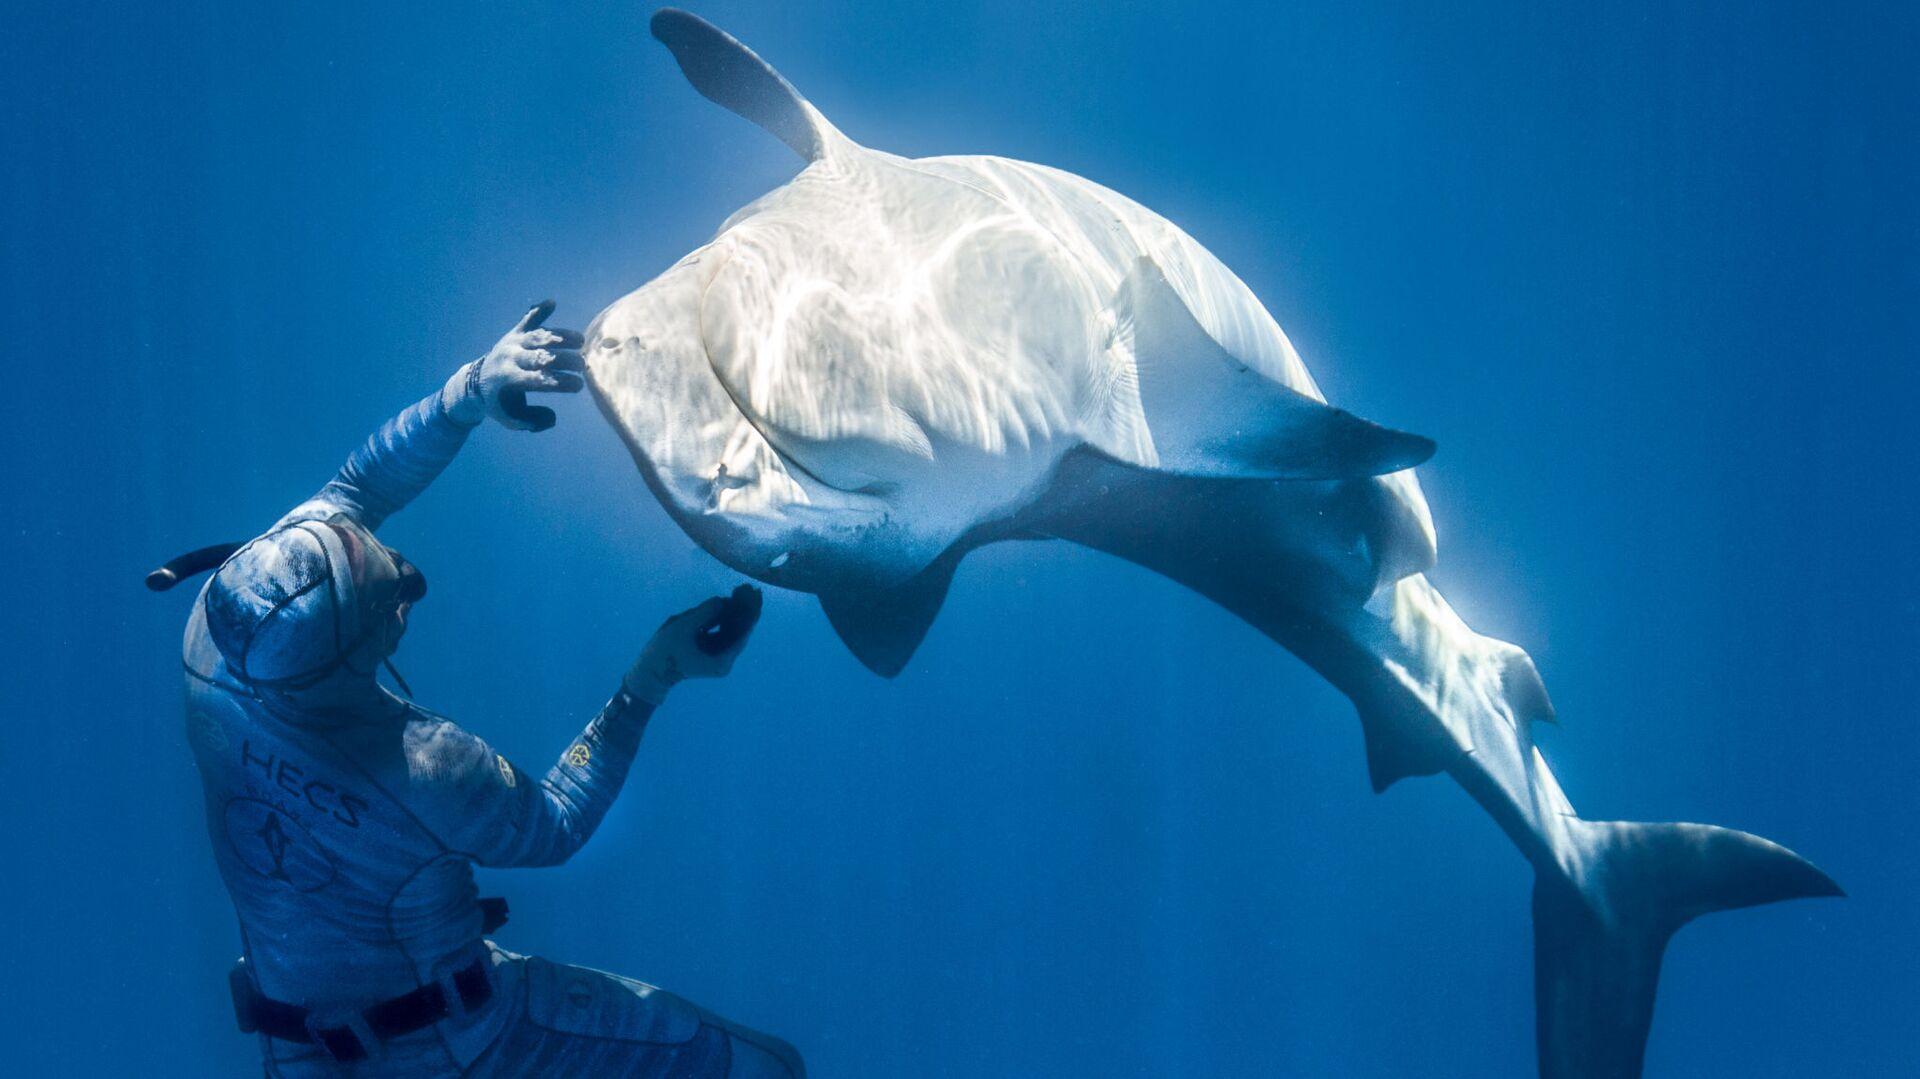 Французский фридайвер Пьеррик Зейбальд, взаимодействующий с акулой в водах Французской Полинезии - Sputnik Česká republika, 1920, 22.04.2021